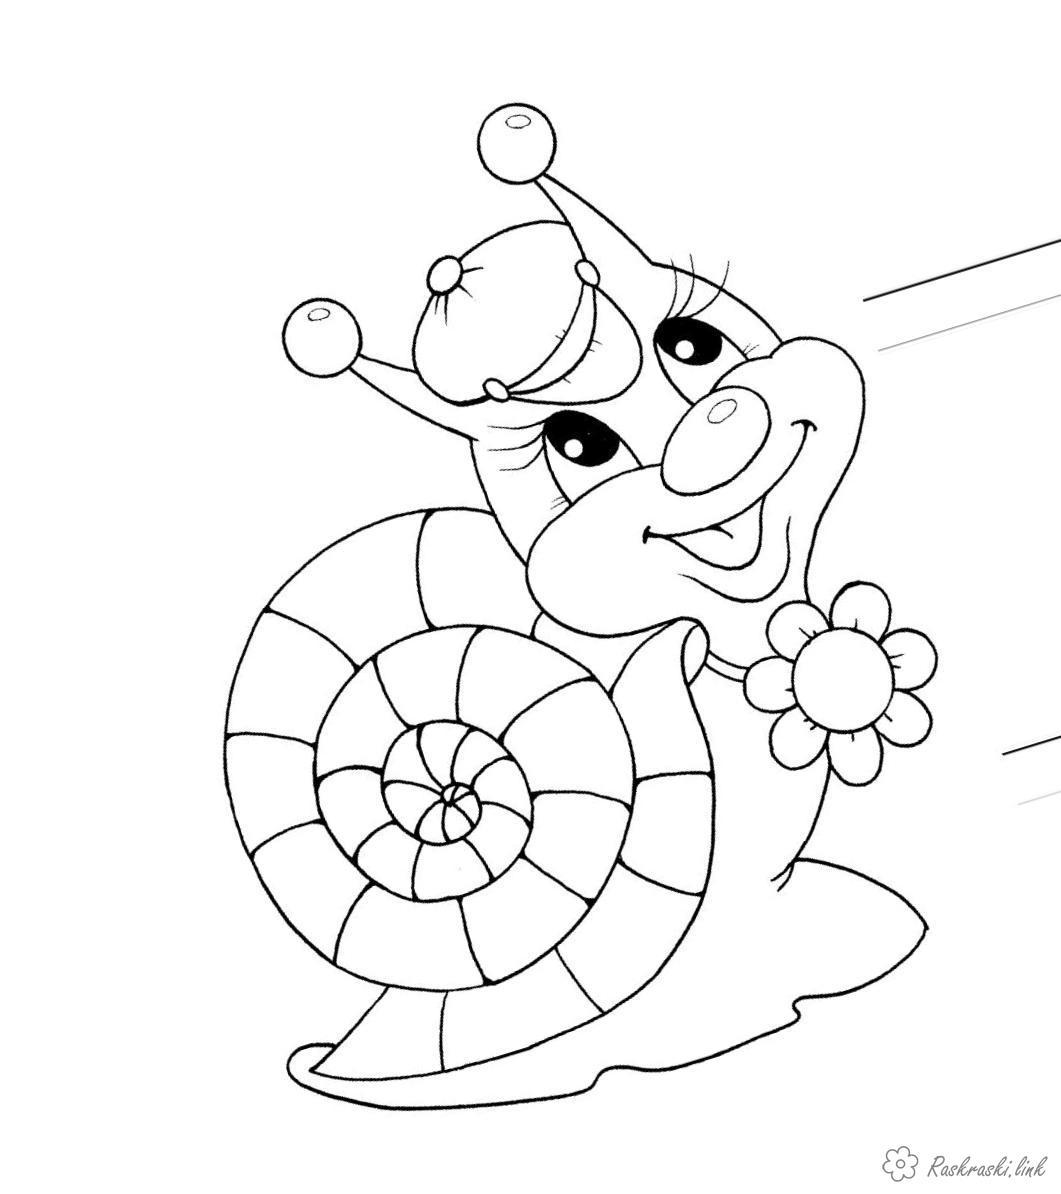 Улитка раскраска для детей картинки с пояснением распечатать